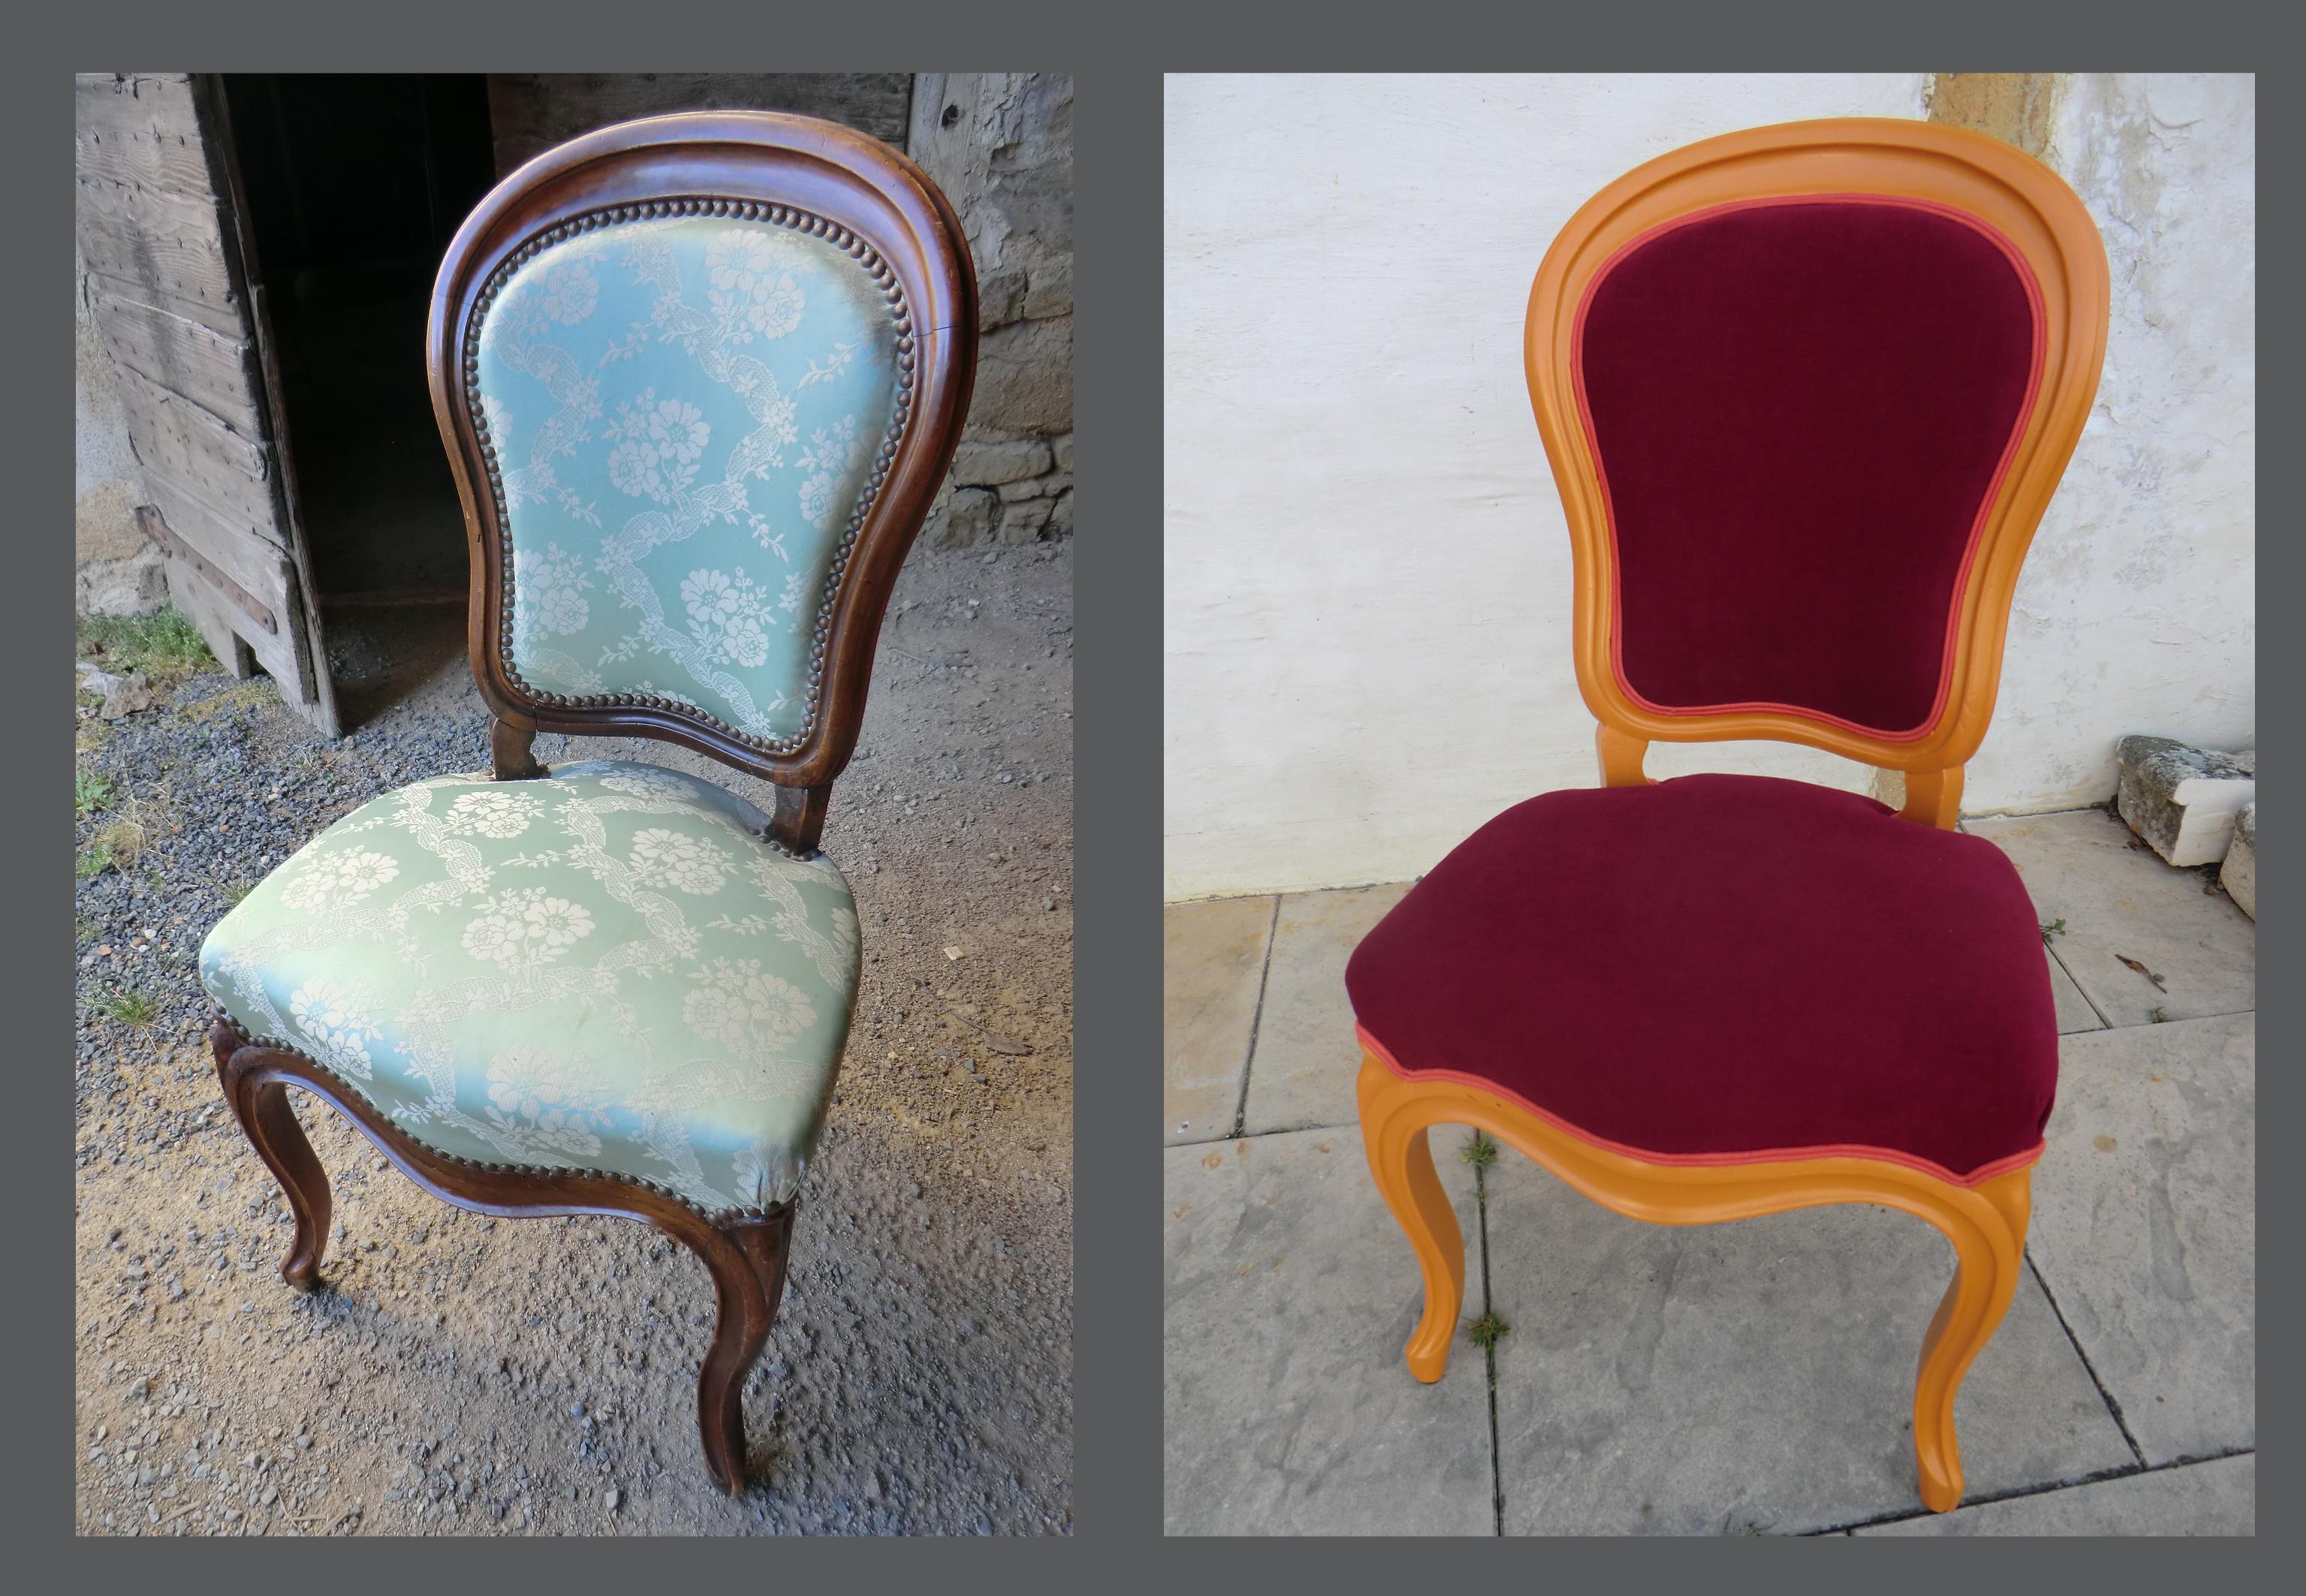 chaise louis philippe avant apres